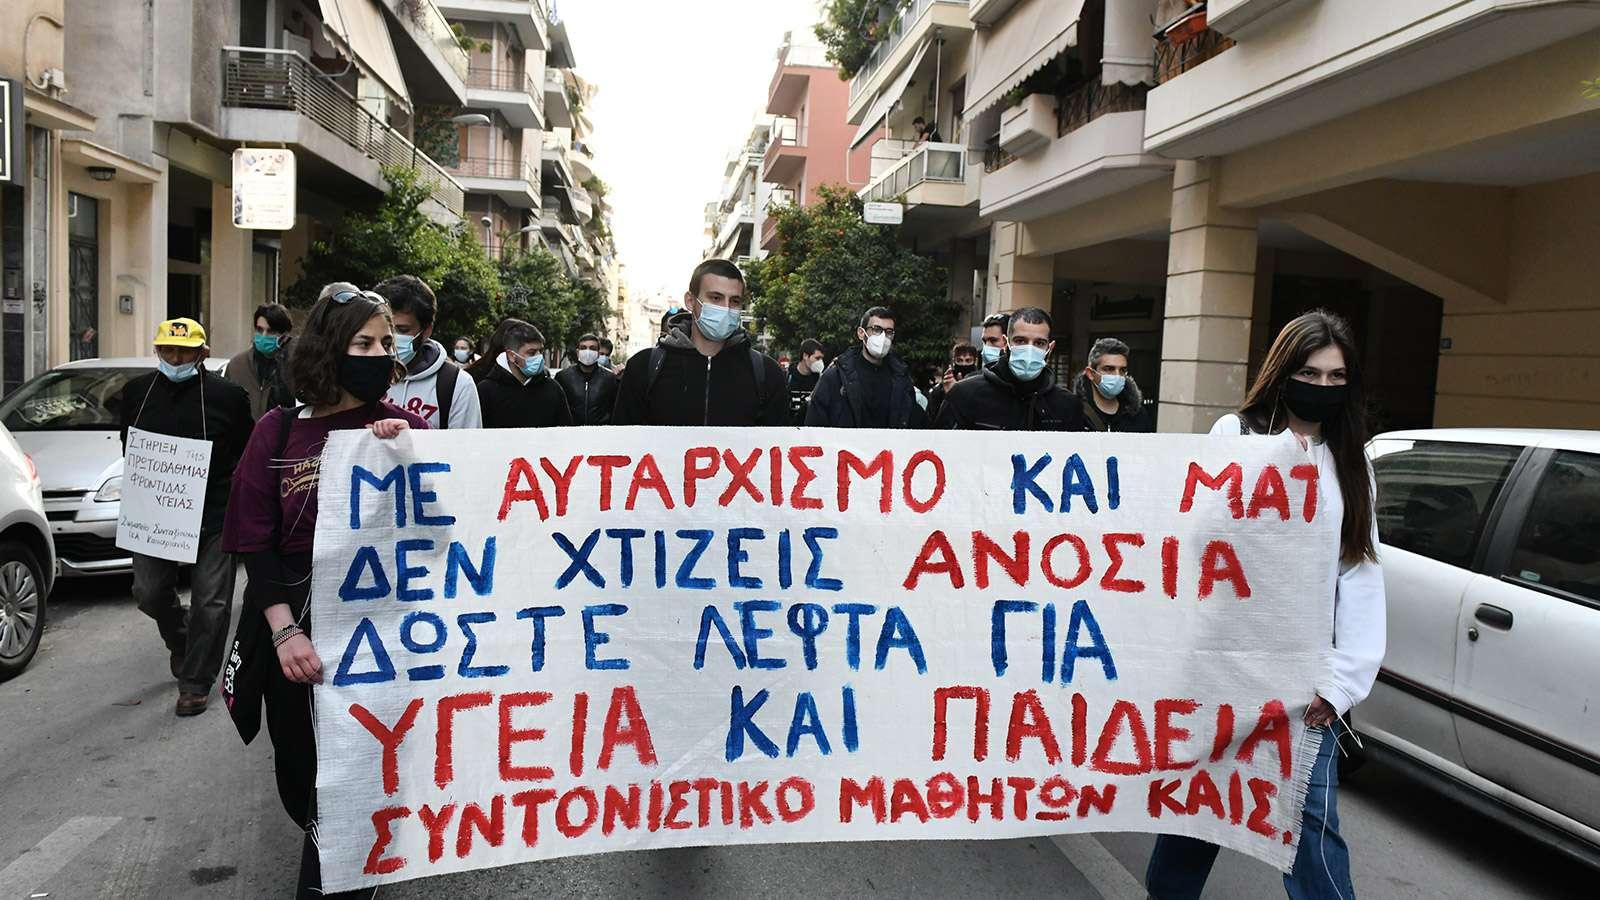 Μαζική συγκέντρωση για την υγεία «Λαϊκό» Νοσοκομείο μετά από πορεία